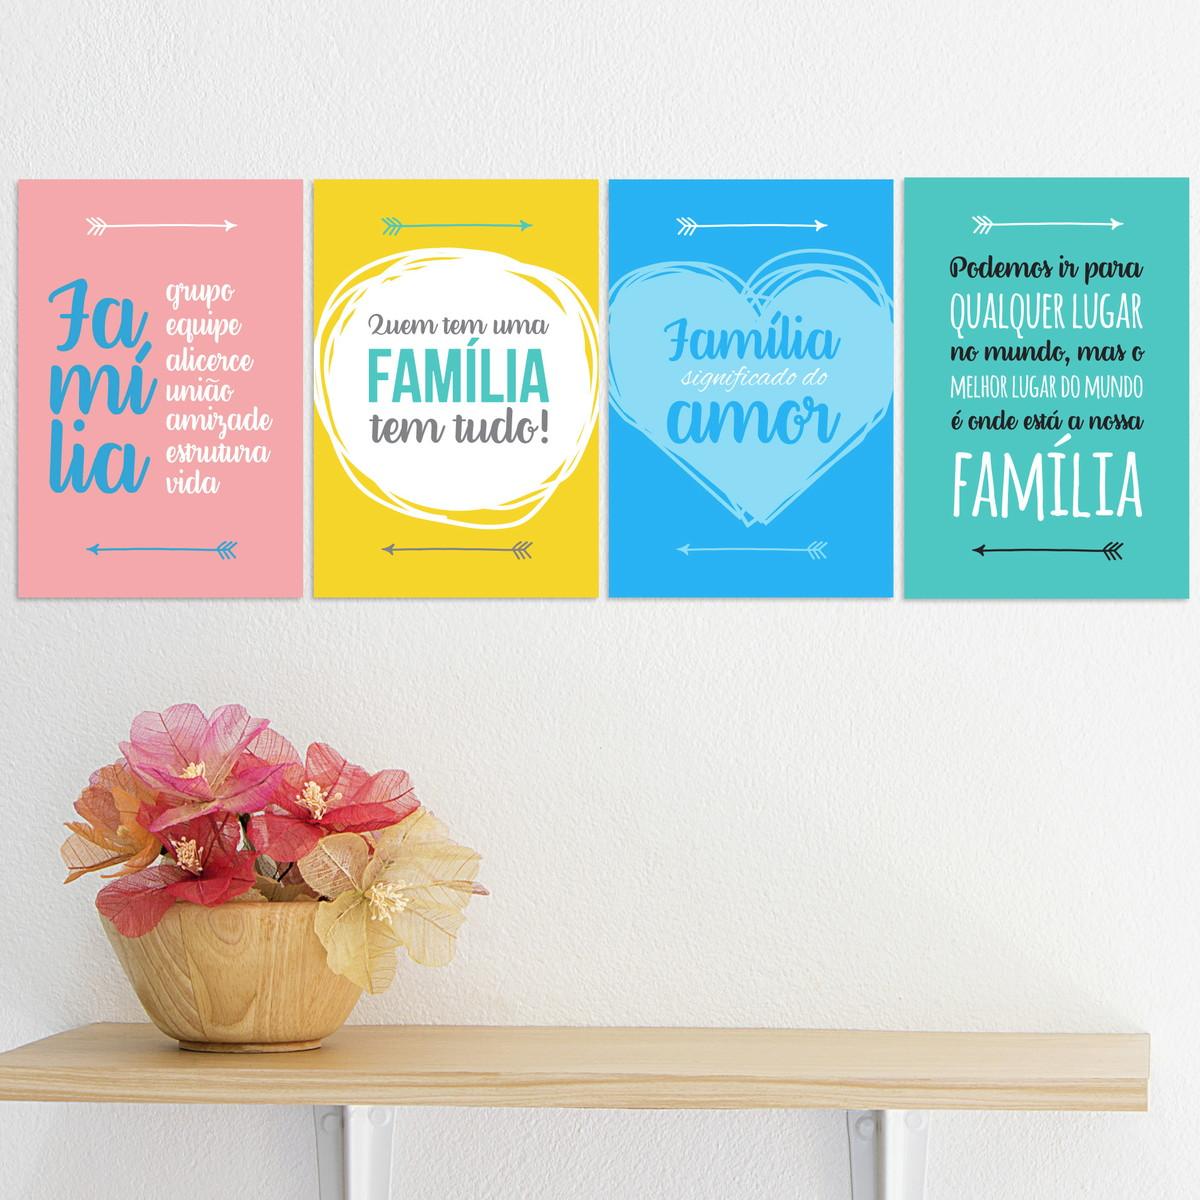 Placa Decorativa Mdf Frases De Família Kit 4un 20x30cm No Elo7